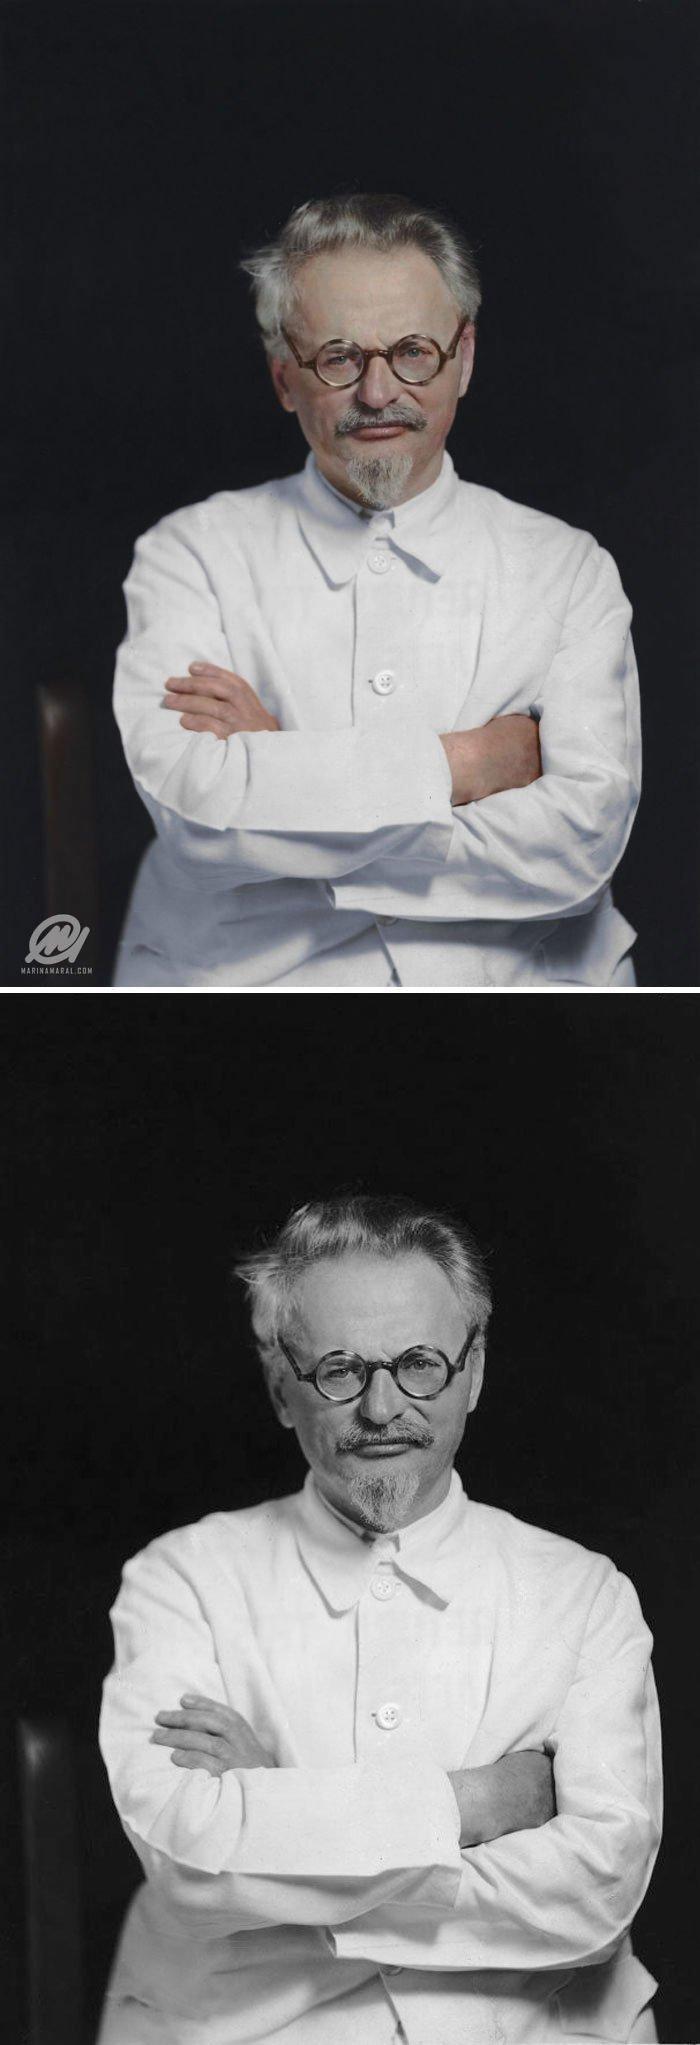 Лев Троцкий история, портрет, прошлое, событие, фотография, фотомир, цвет